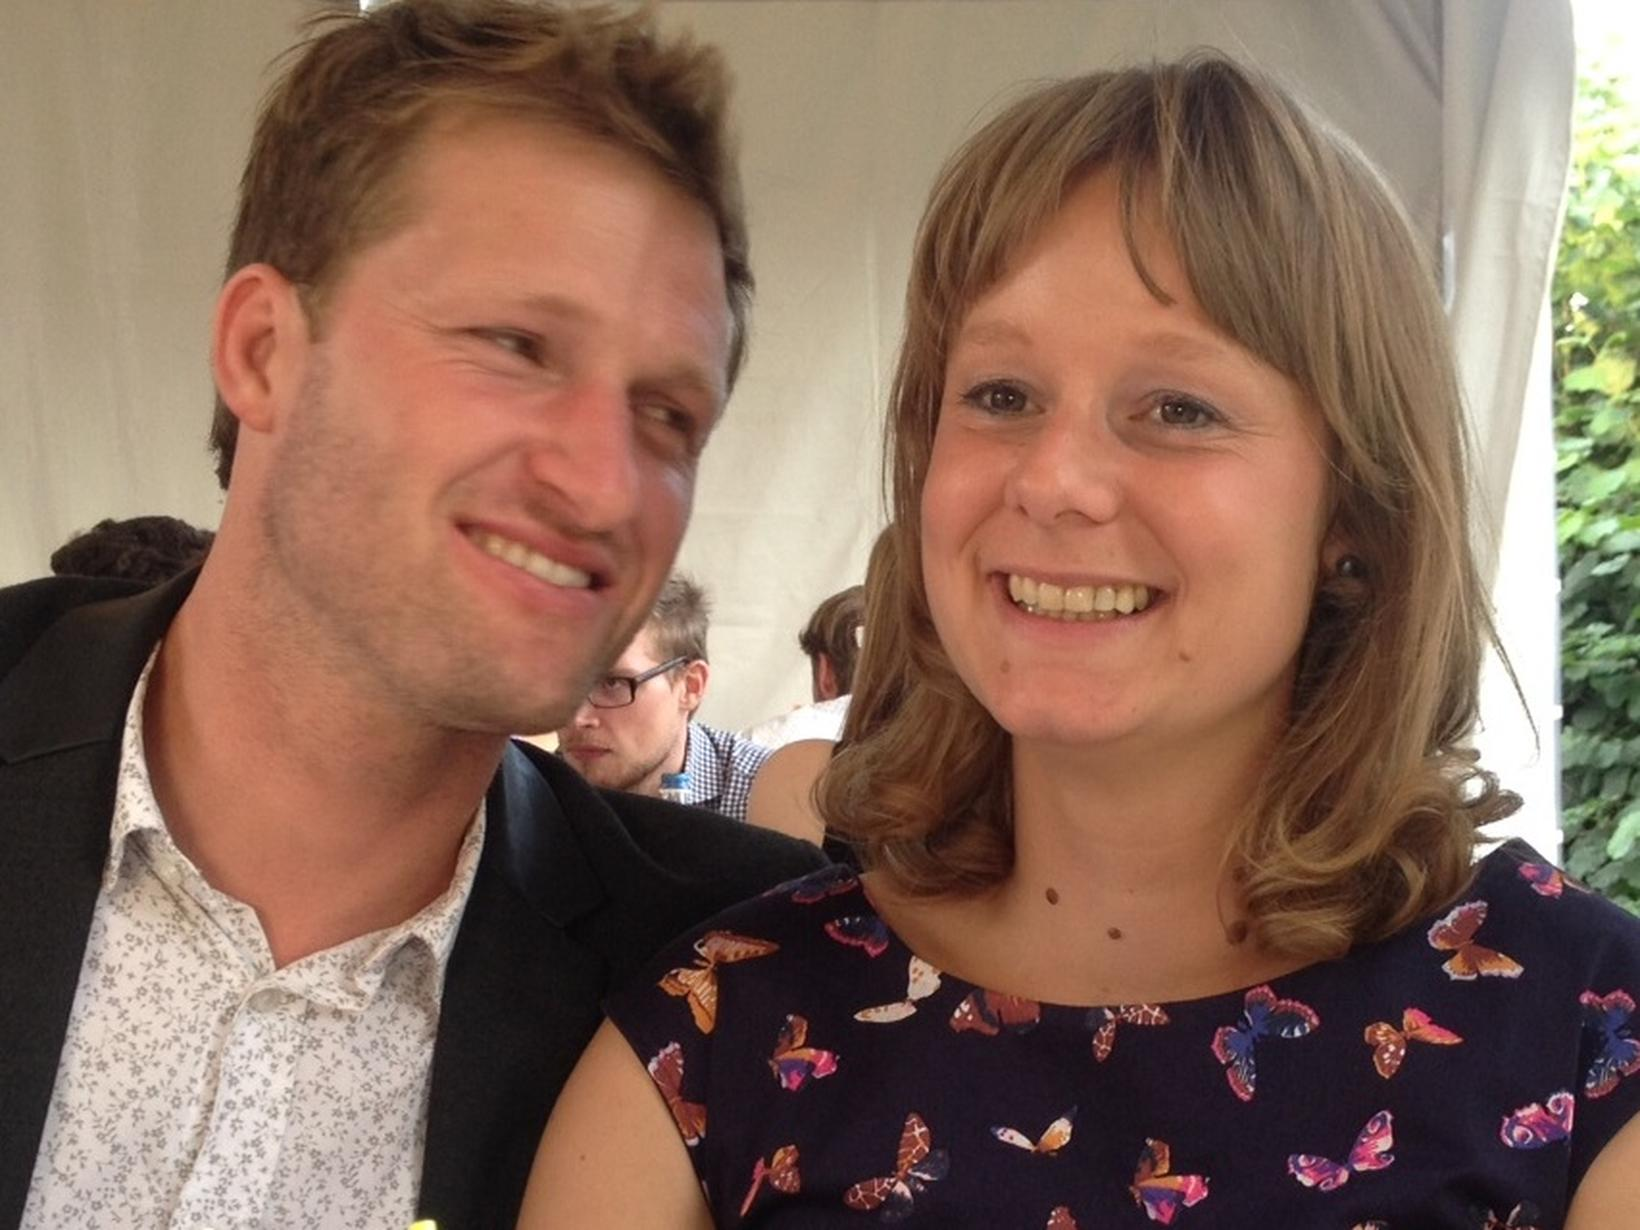 Ellen & Iwan from Leuven, Belgium